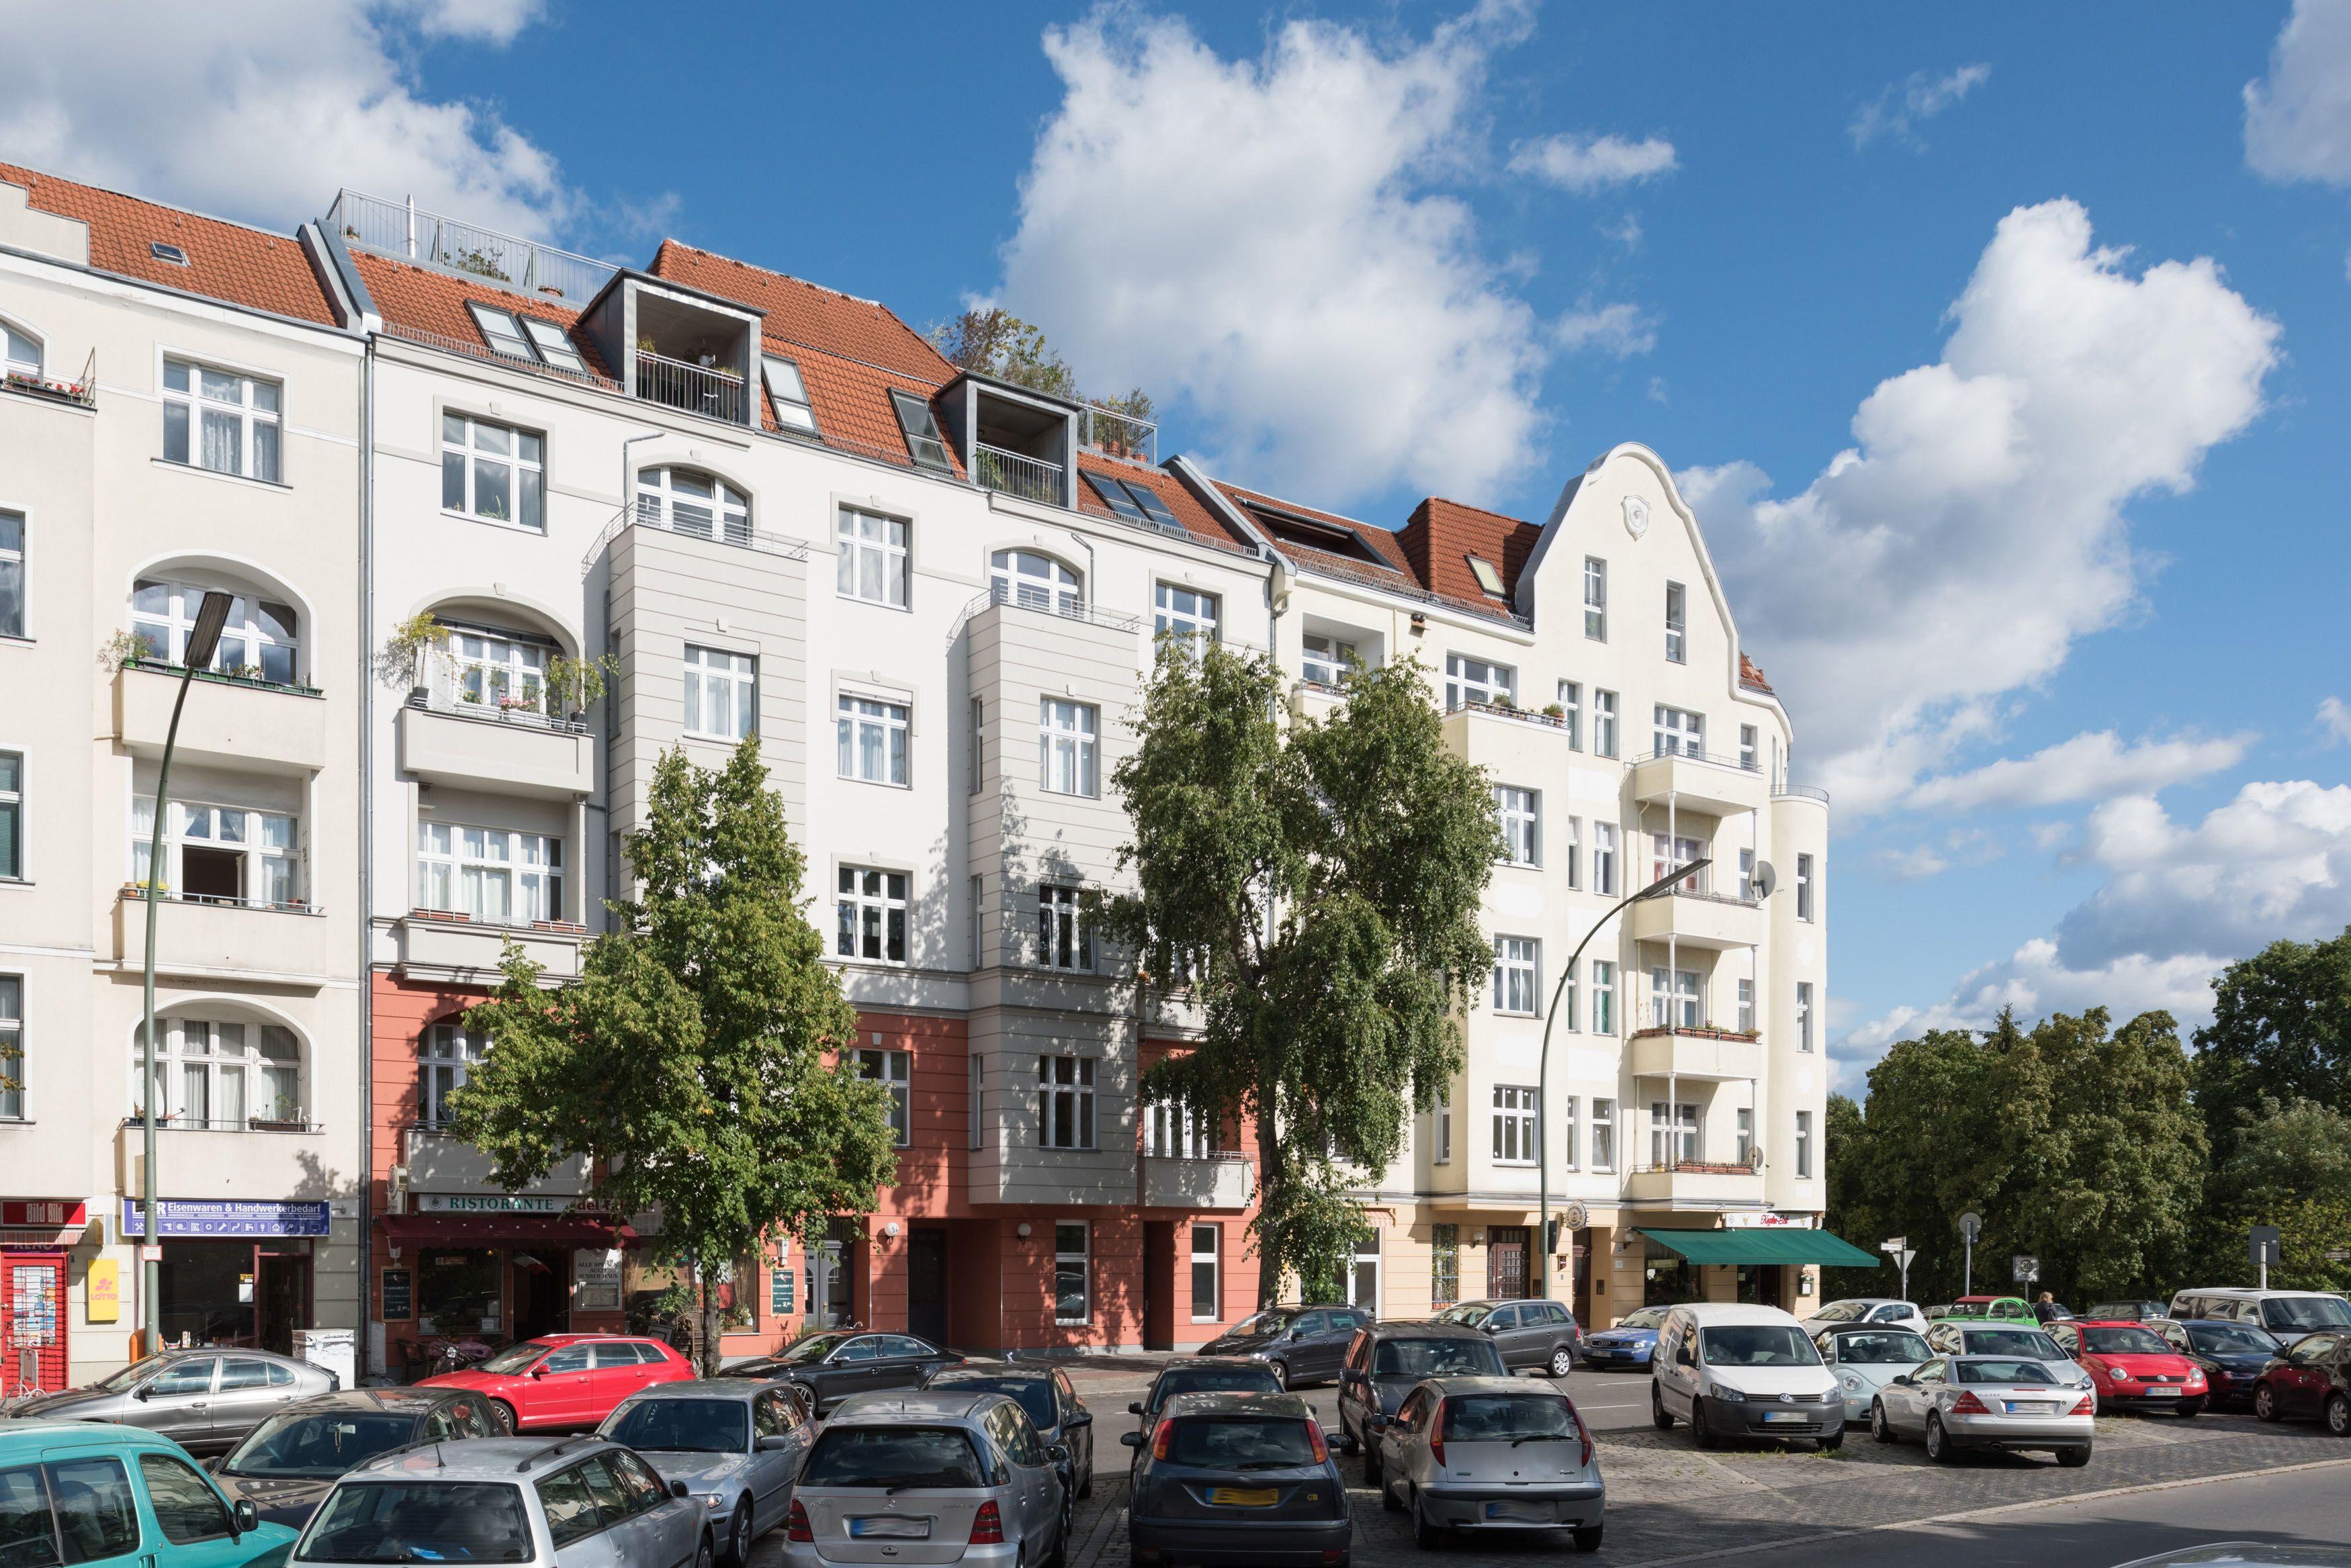 Eigentumswohnung Konigin Elisabeth Str 54 14059 Berlin Charlottenburg Mehr Auf Www Accentro De Berlin Eigentumswohnung Wohnung Kaufen Wohnung